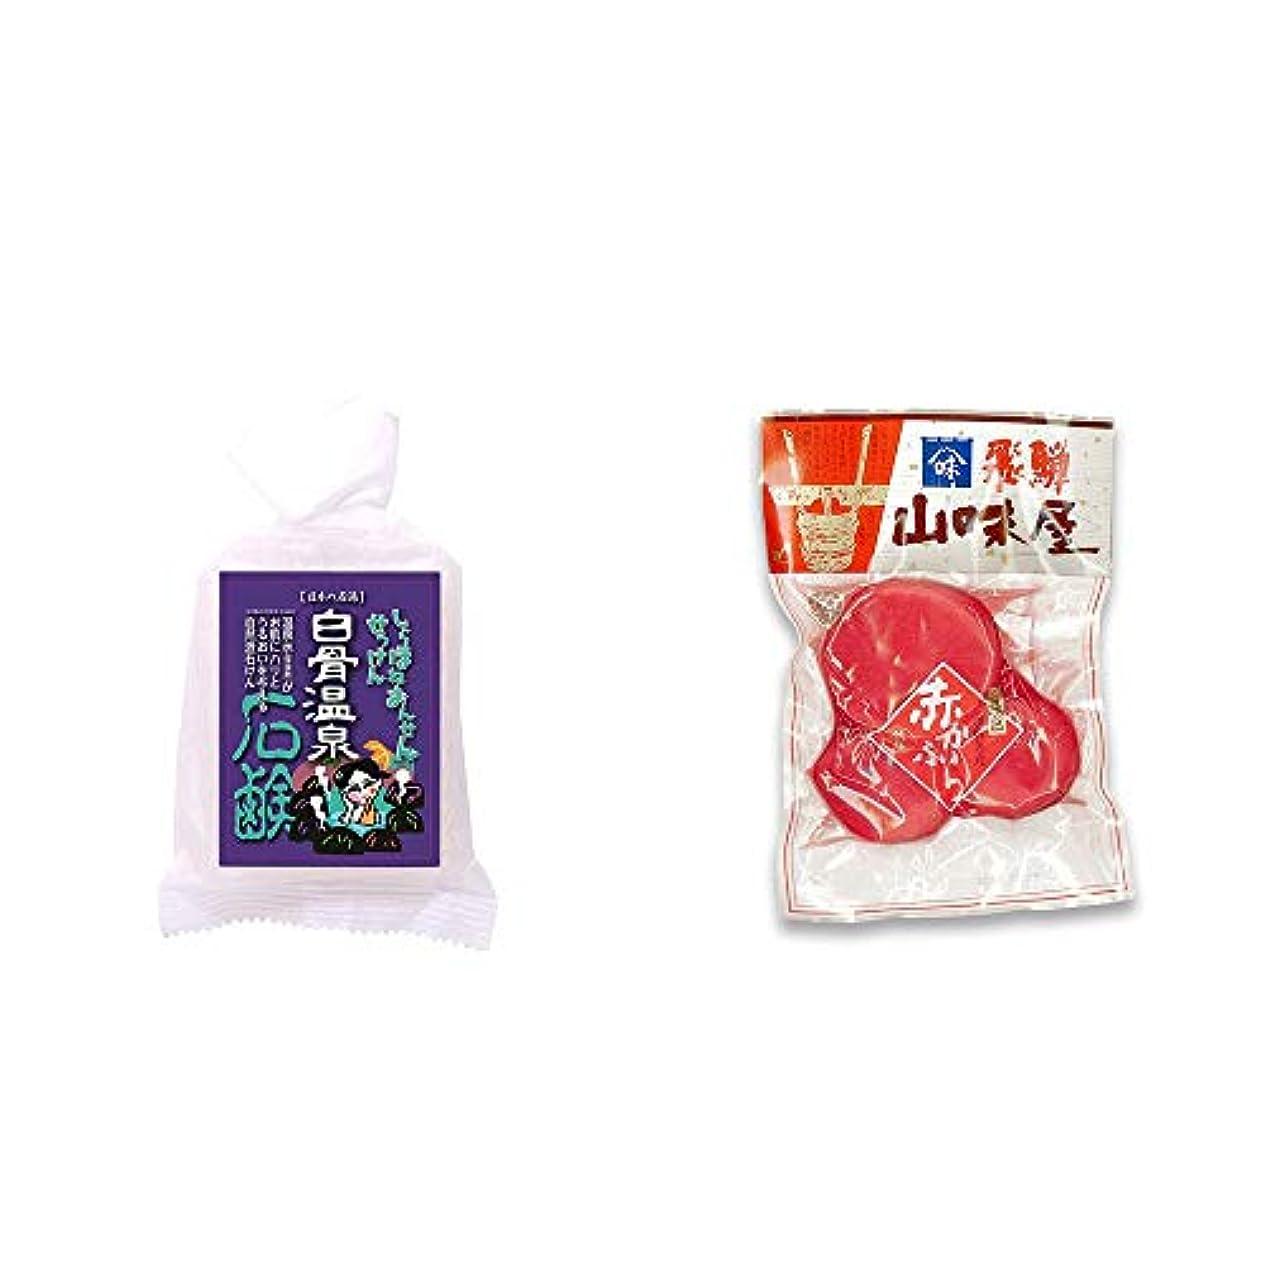 ラッカス相対サイズ食品[2点セット] 信州 白骨温泉石鹸(80g)?飛騨山味屋 赤かぶら【大】(230g)[赤かぶ漬け]